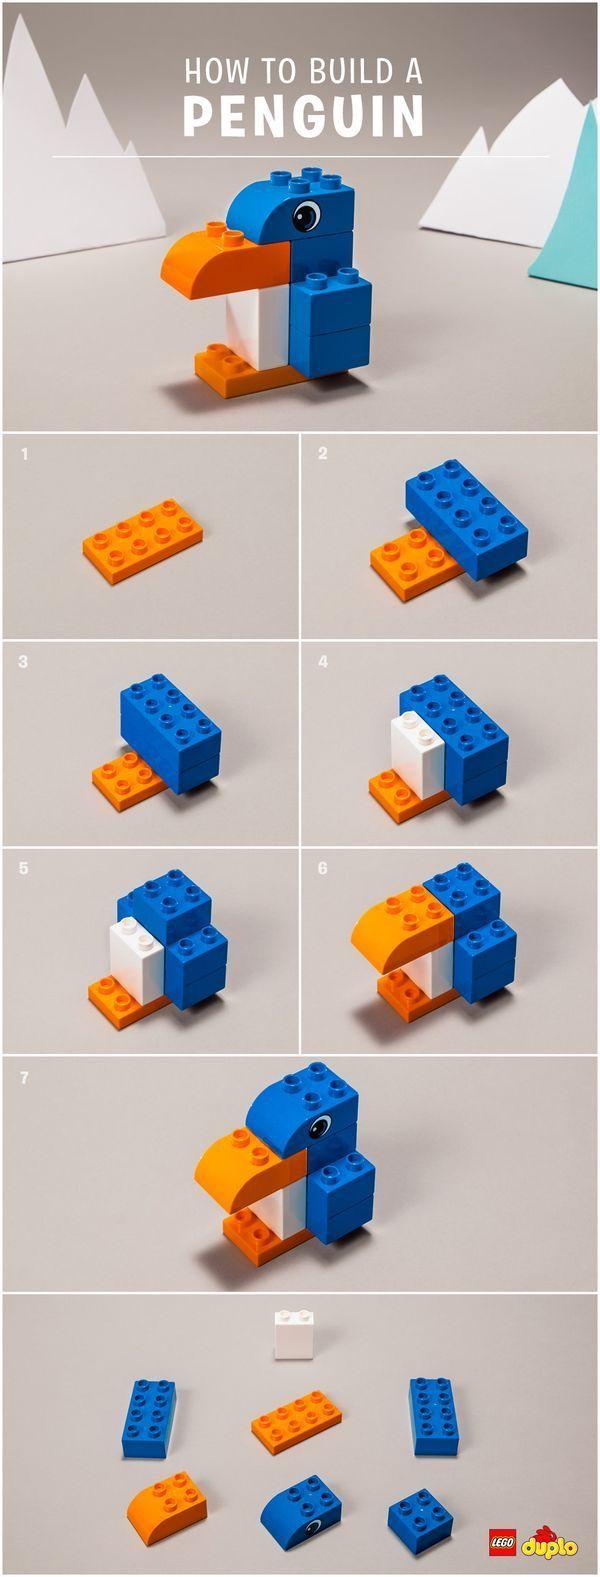 25 einzigartige lego bauanleitungen zum nachbauen ideen auf pinterest lego diy diy lego. Black Bedroom Furniture Sets. Home Design Ideas